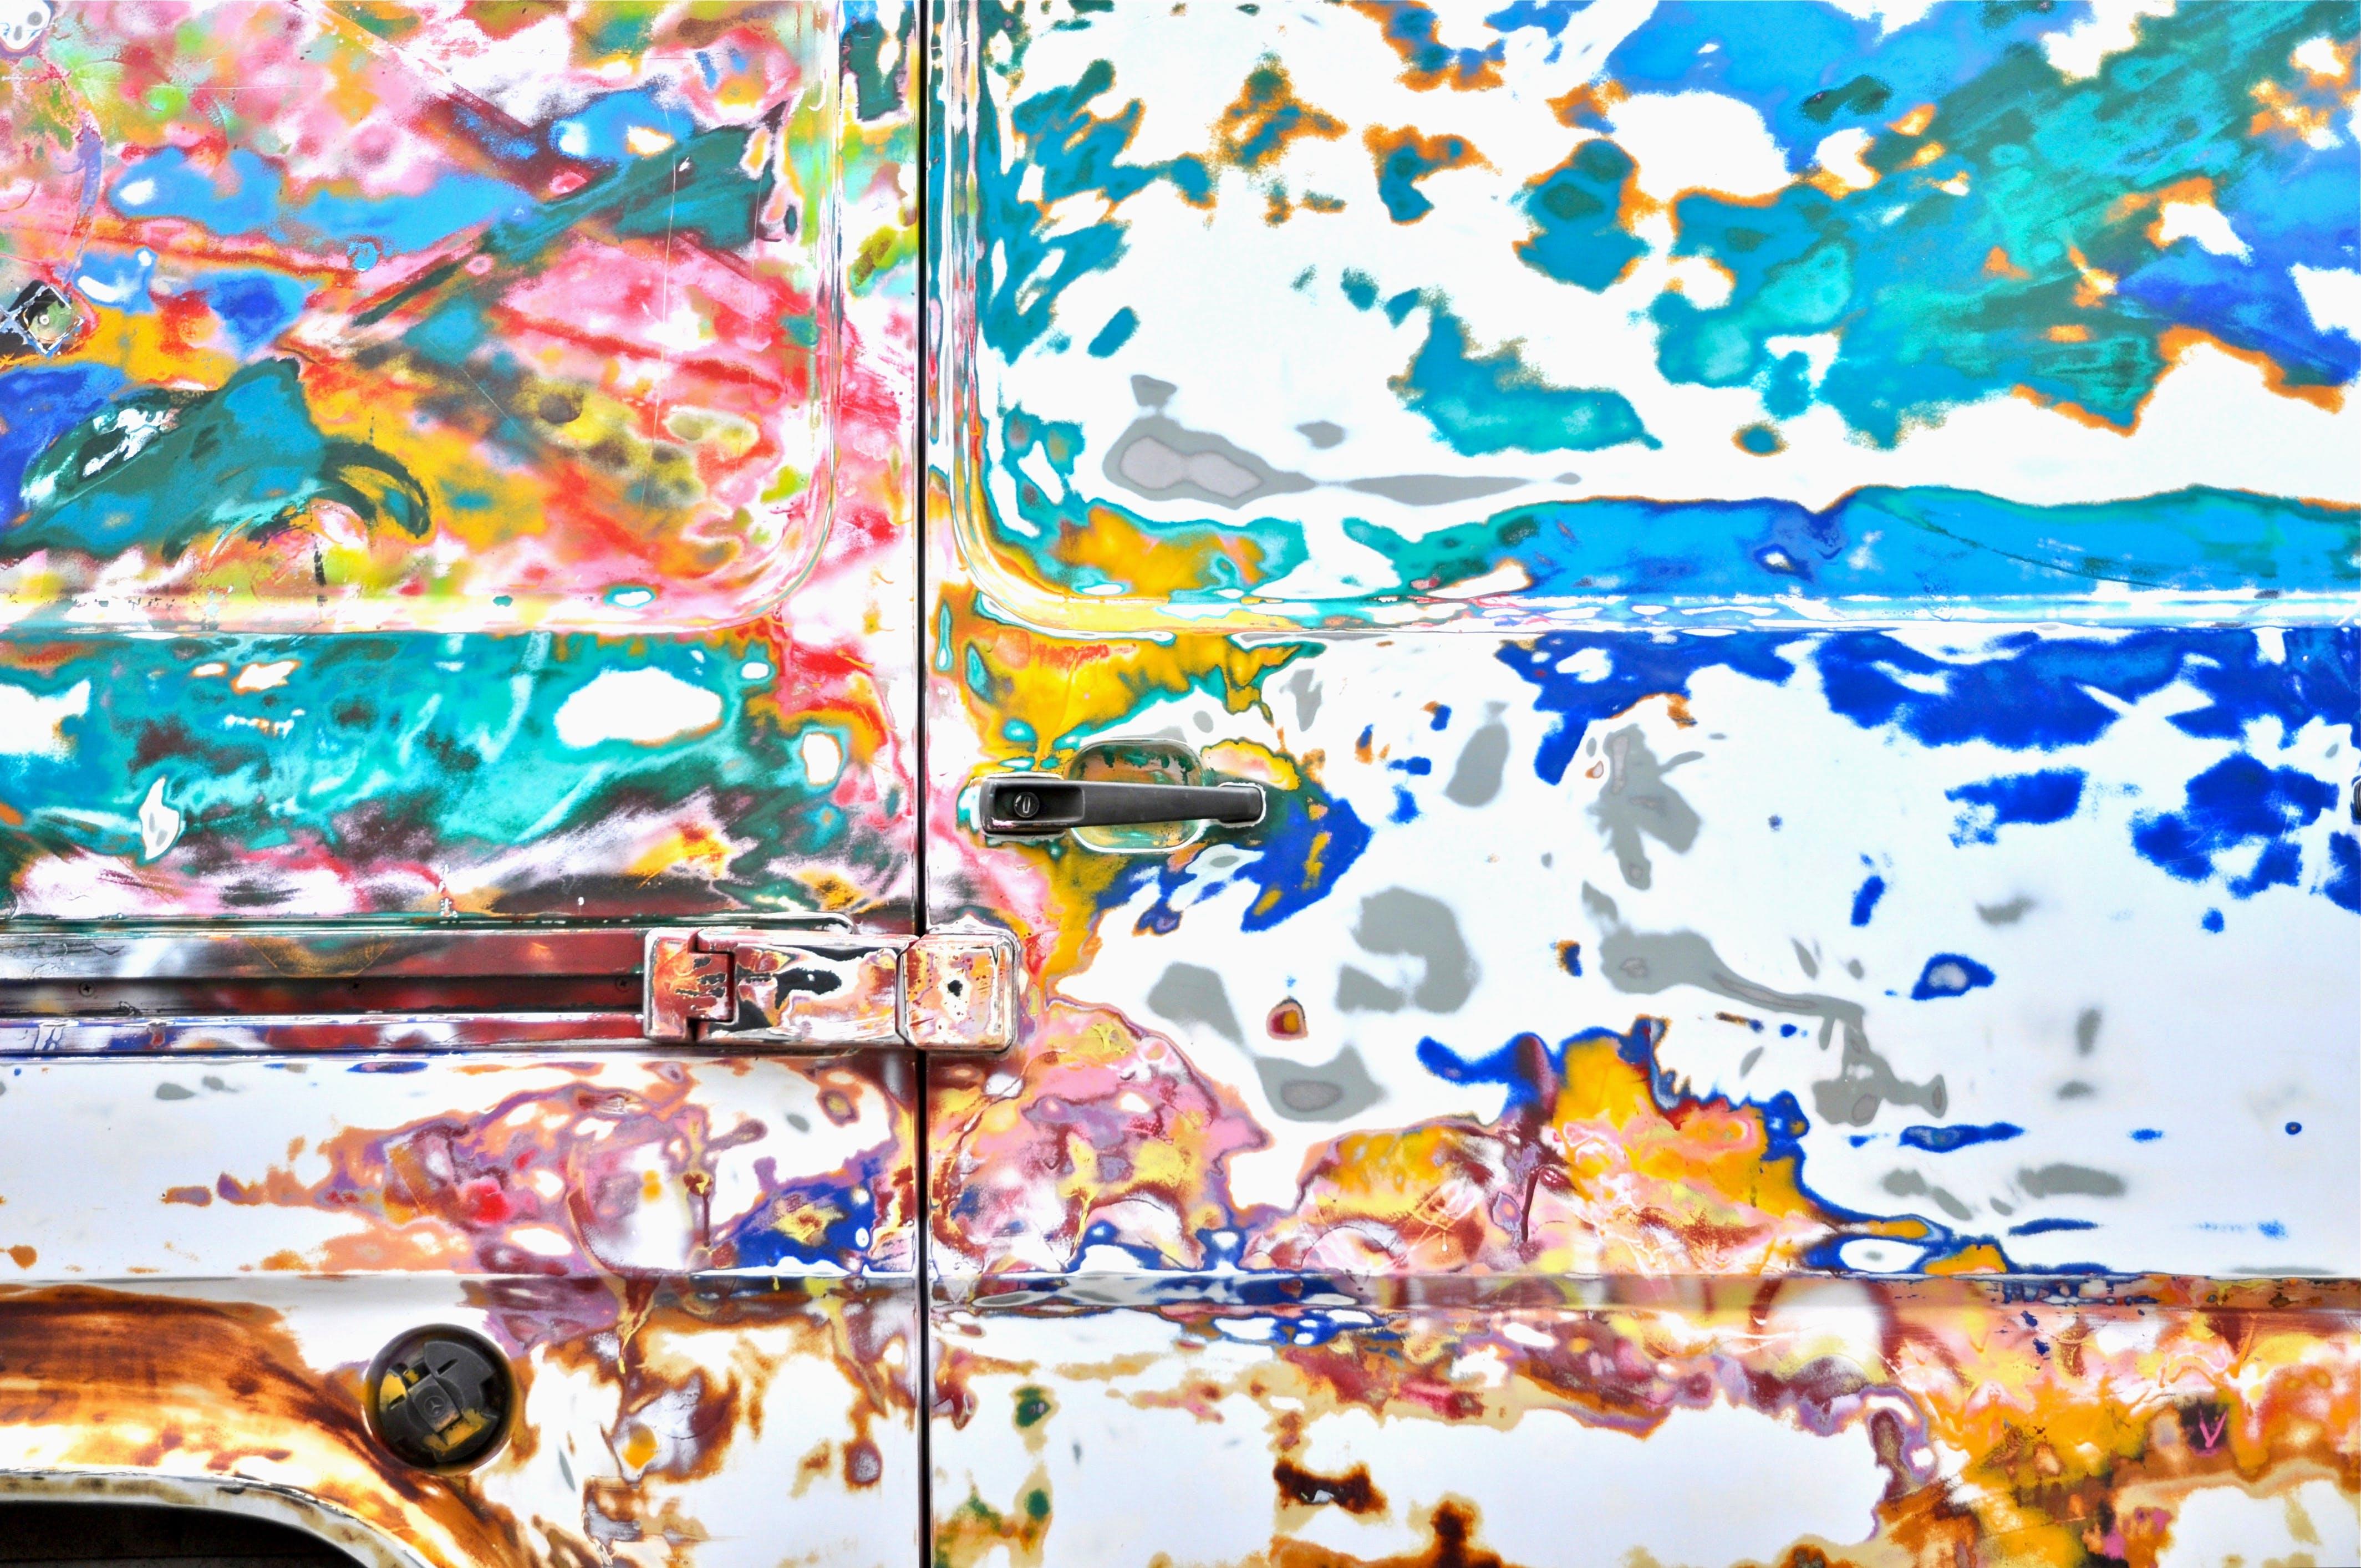 artistik, Canlı renk, dizayn, parlak içeren Ücretsiz stok fotoğraf